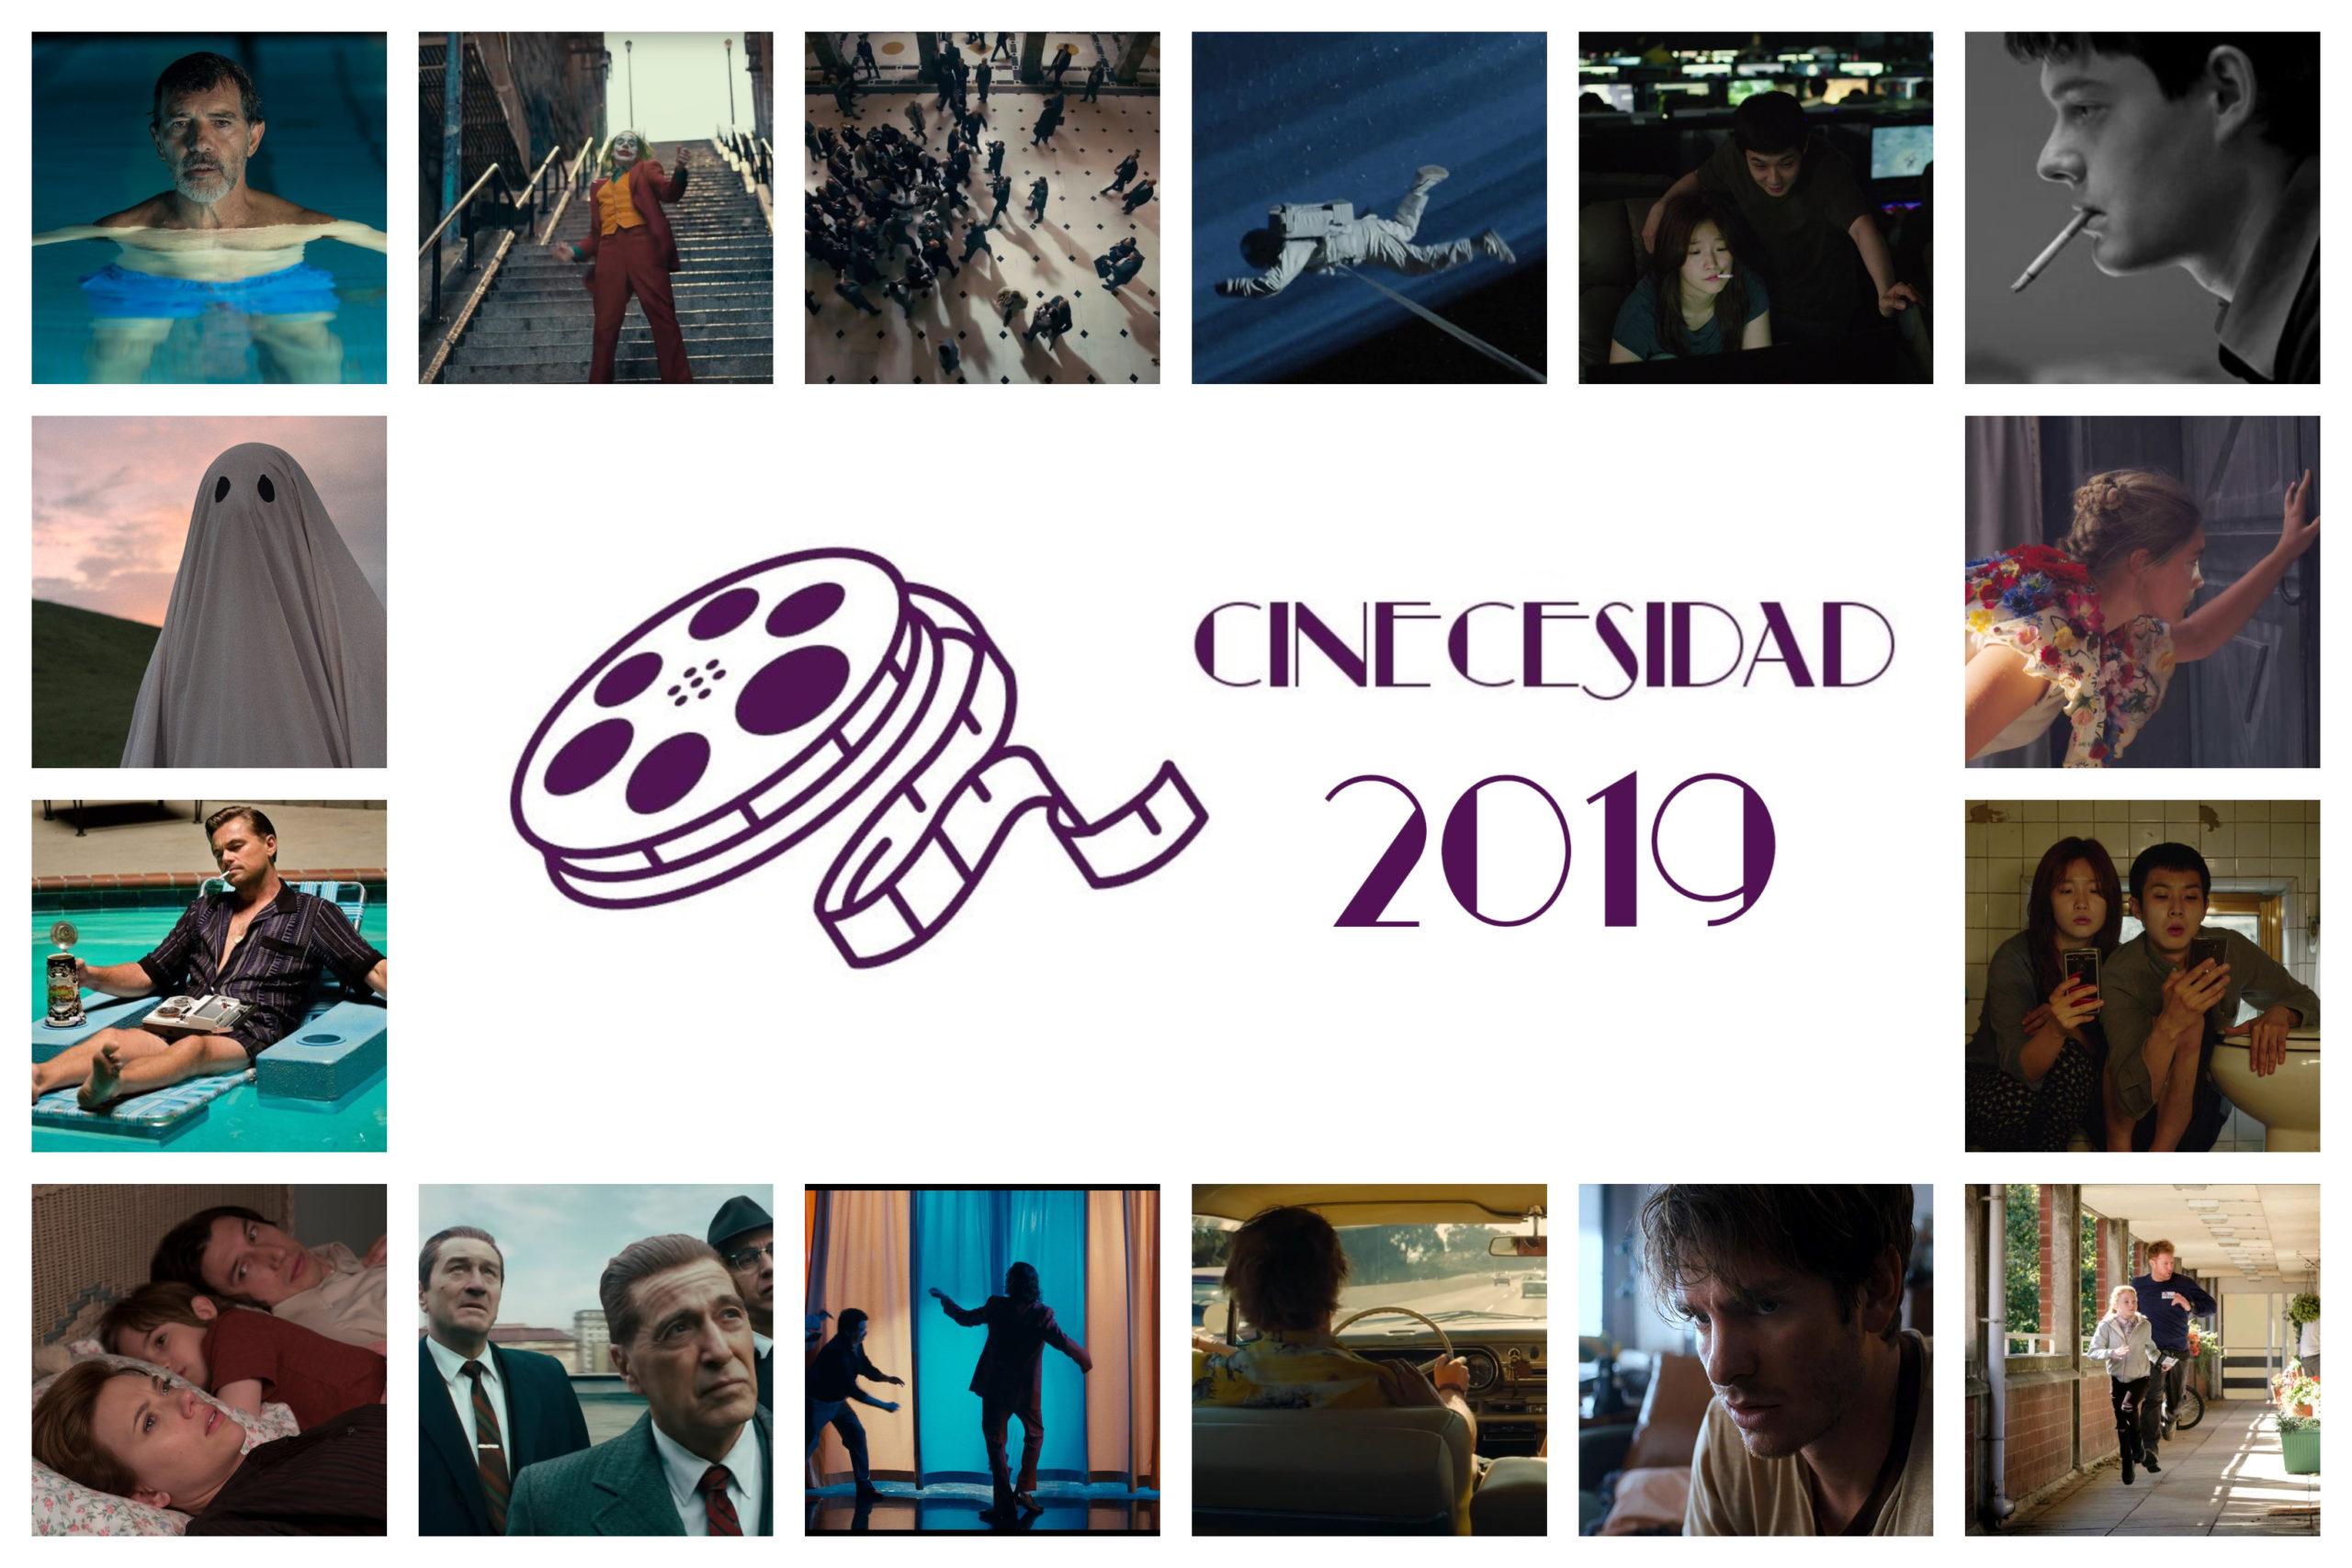 CINECESIDAD EP.9 : Especial 2019